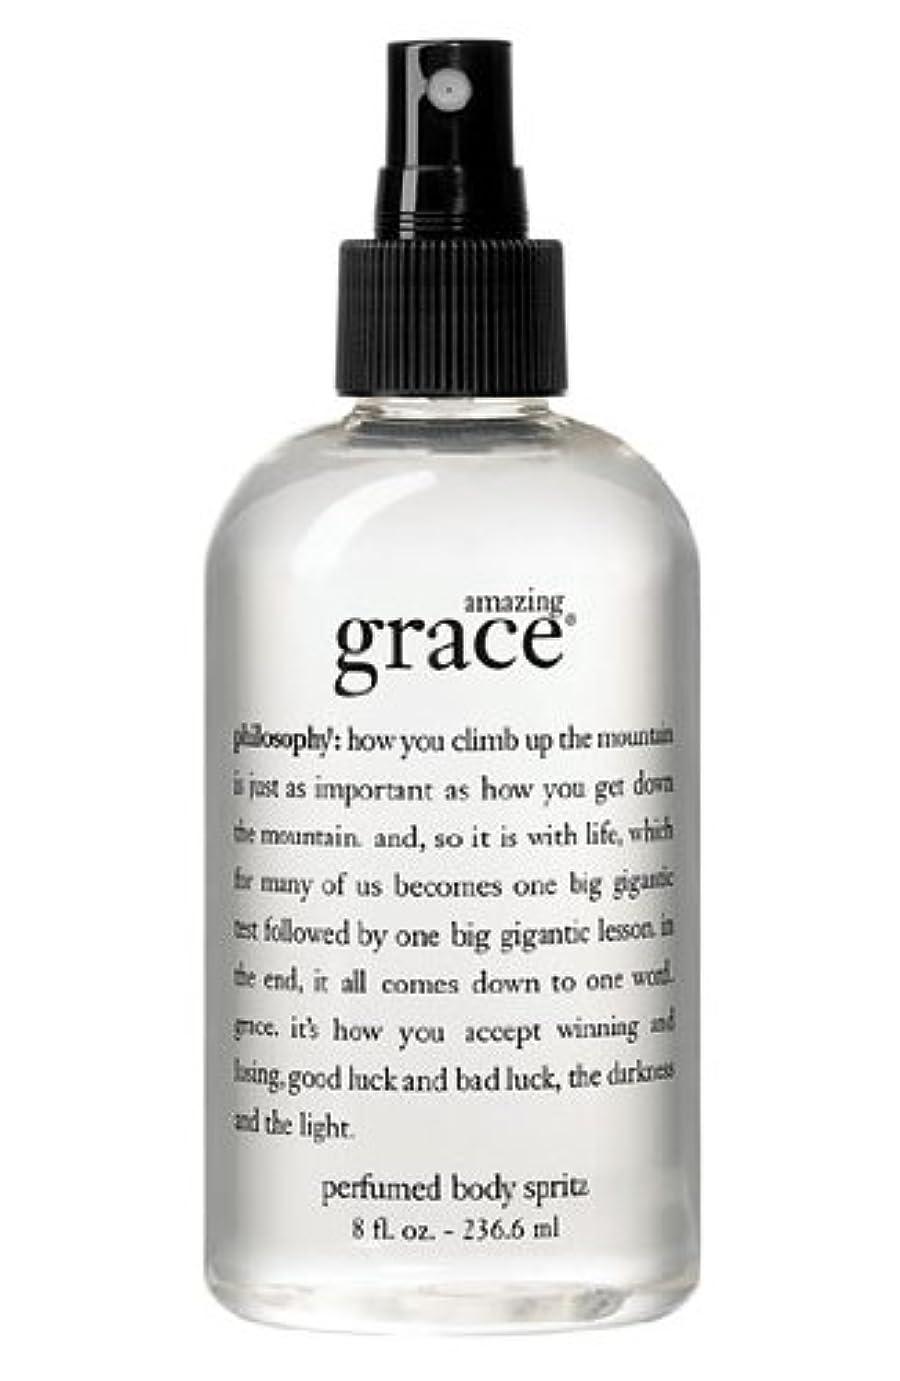 死にかけている良い繁雑amazing grace perfumed body spritz (アメイジング グレイス パフュームドボディースプリッツ) 8.0 oz (240ml) for Women